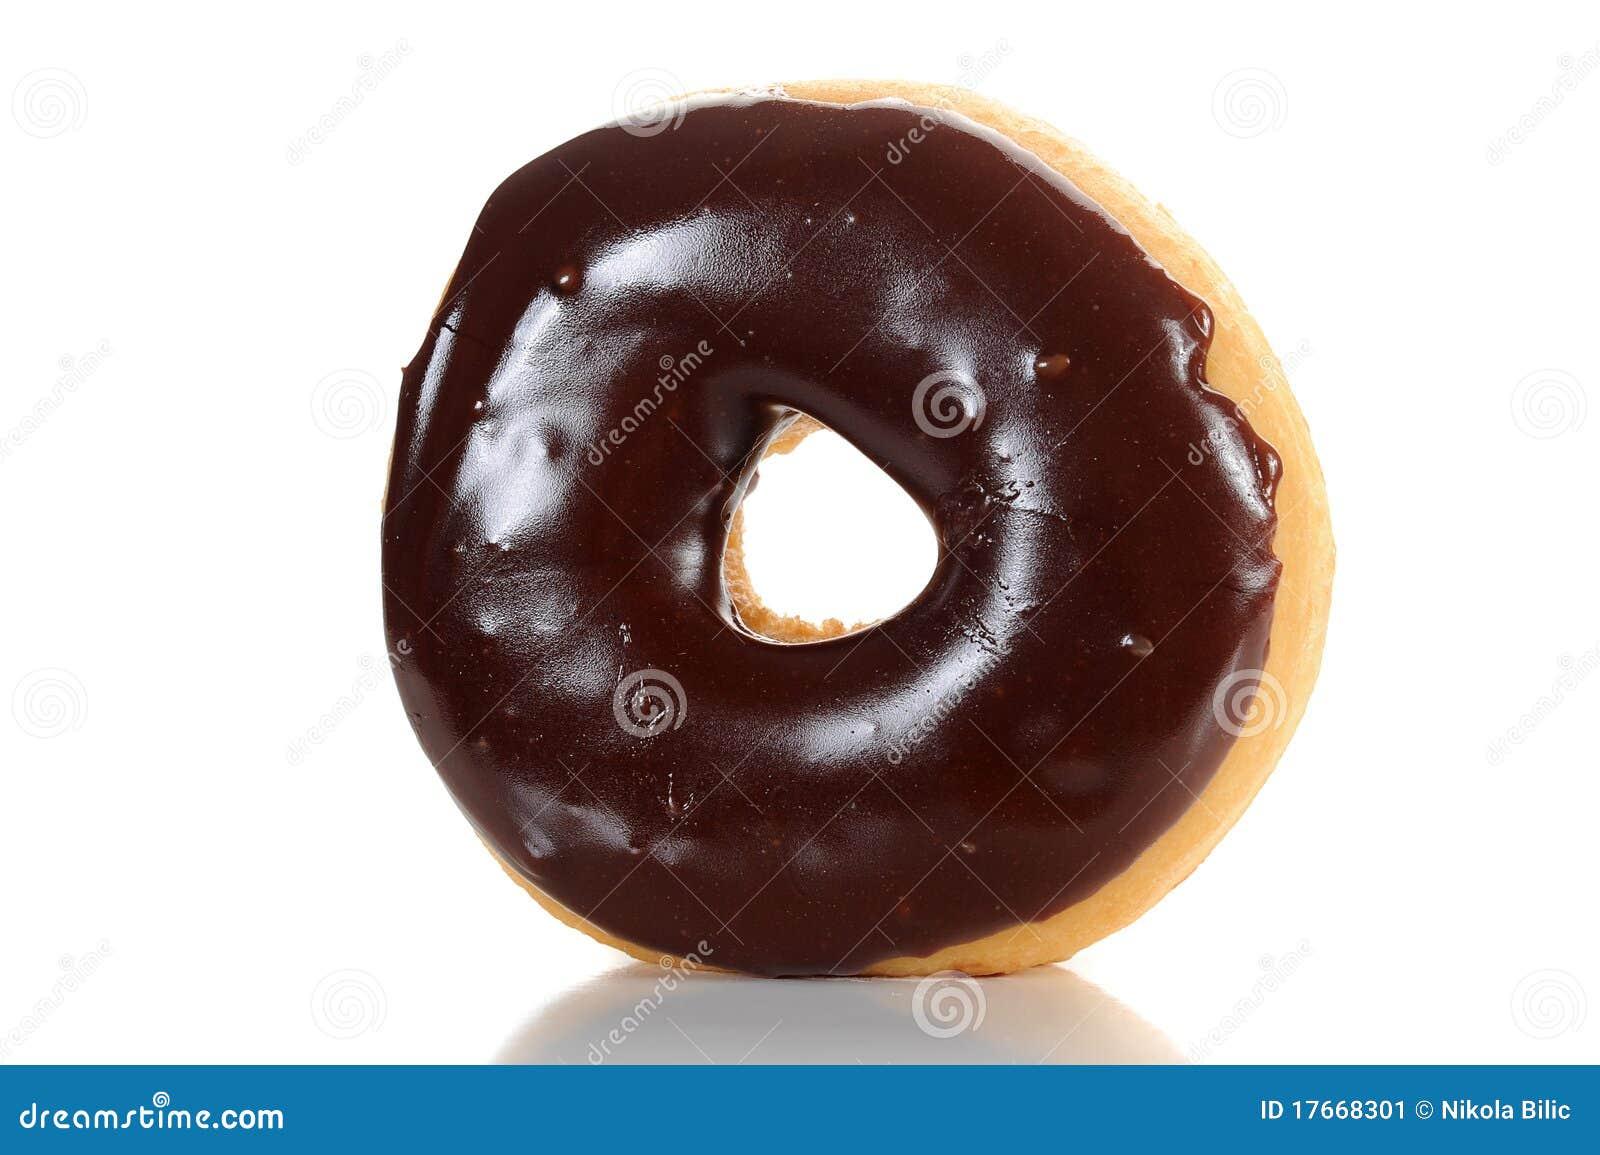 Chocolate Glazed Doughnut Stock Image - Image: 17668301